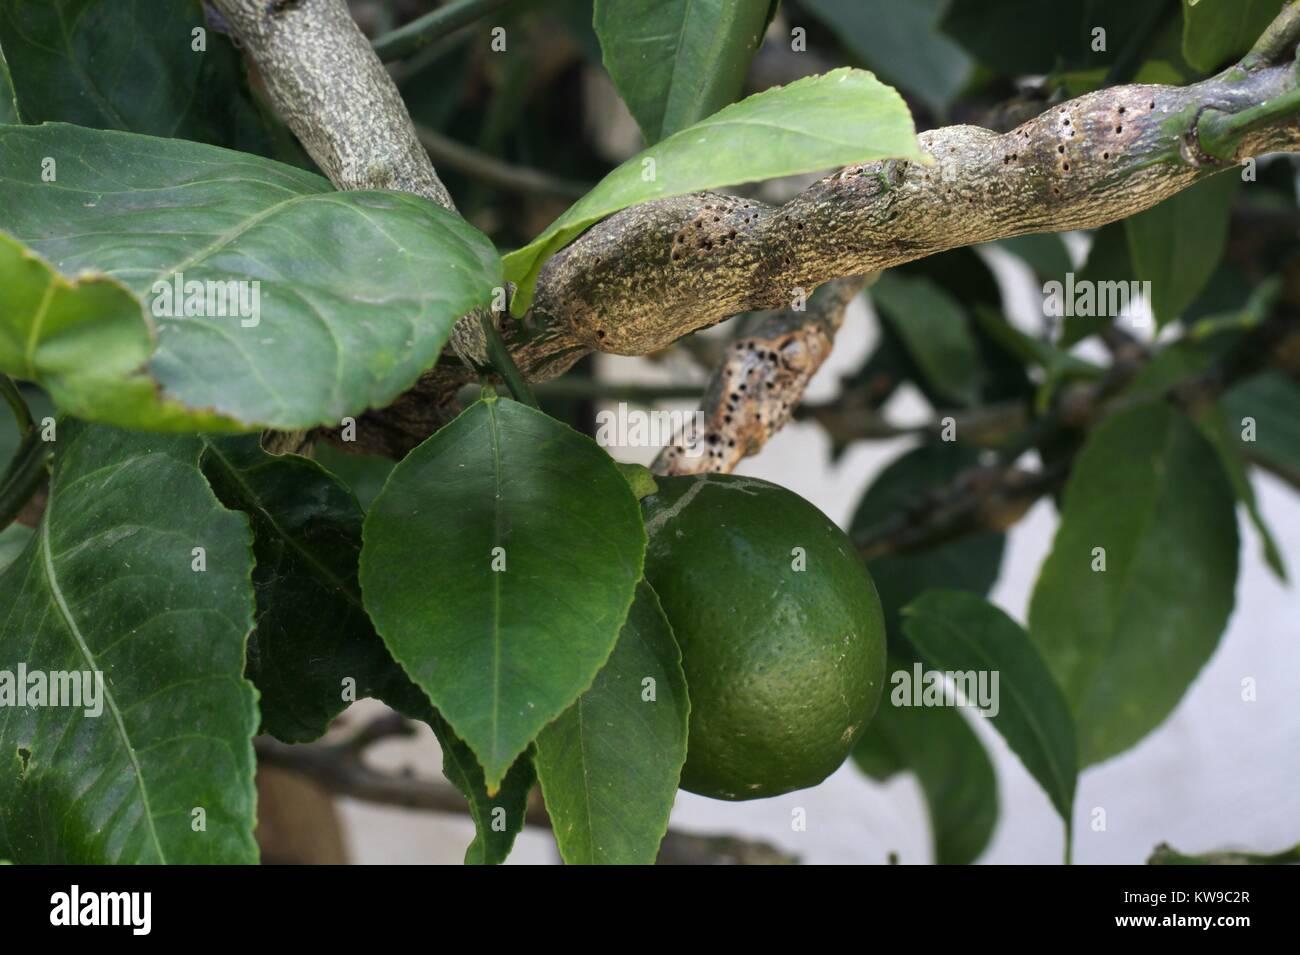 Severe gall wasp damage on suburban lemon tree. - Stock Image